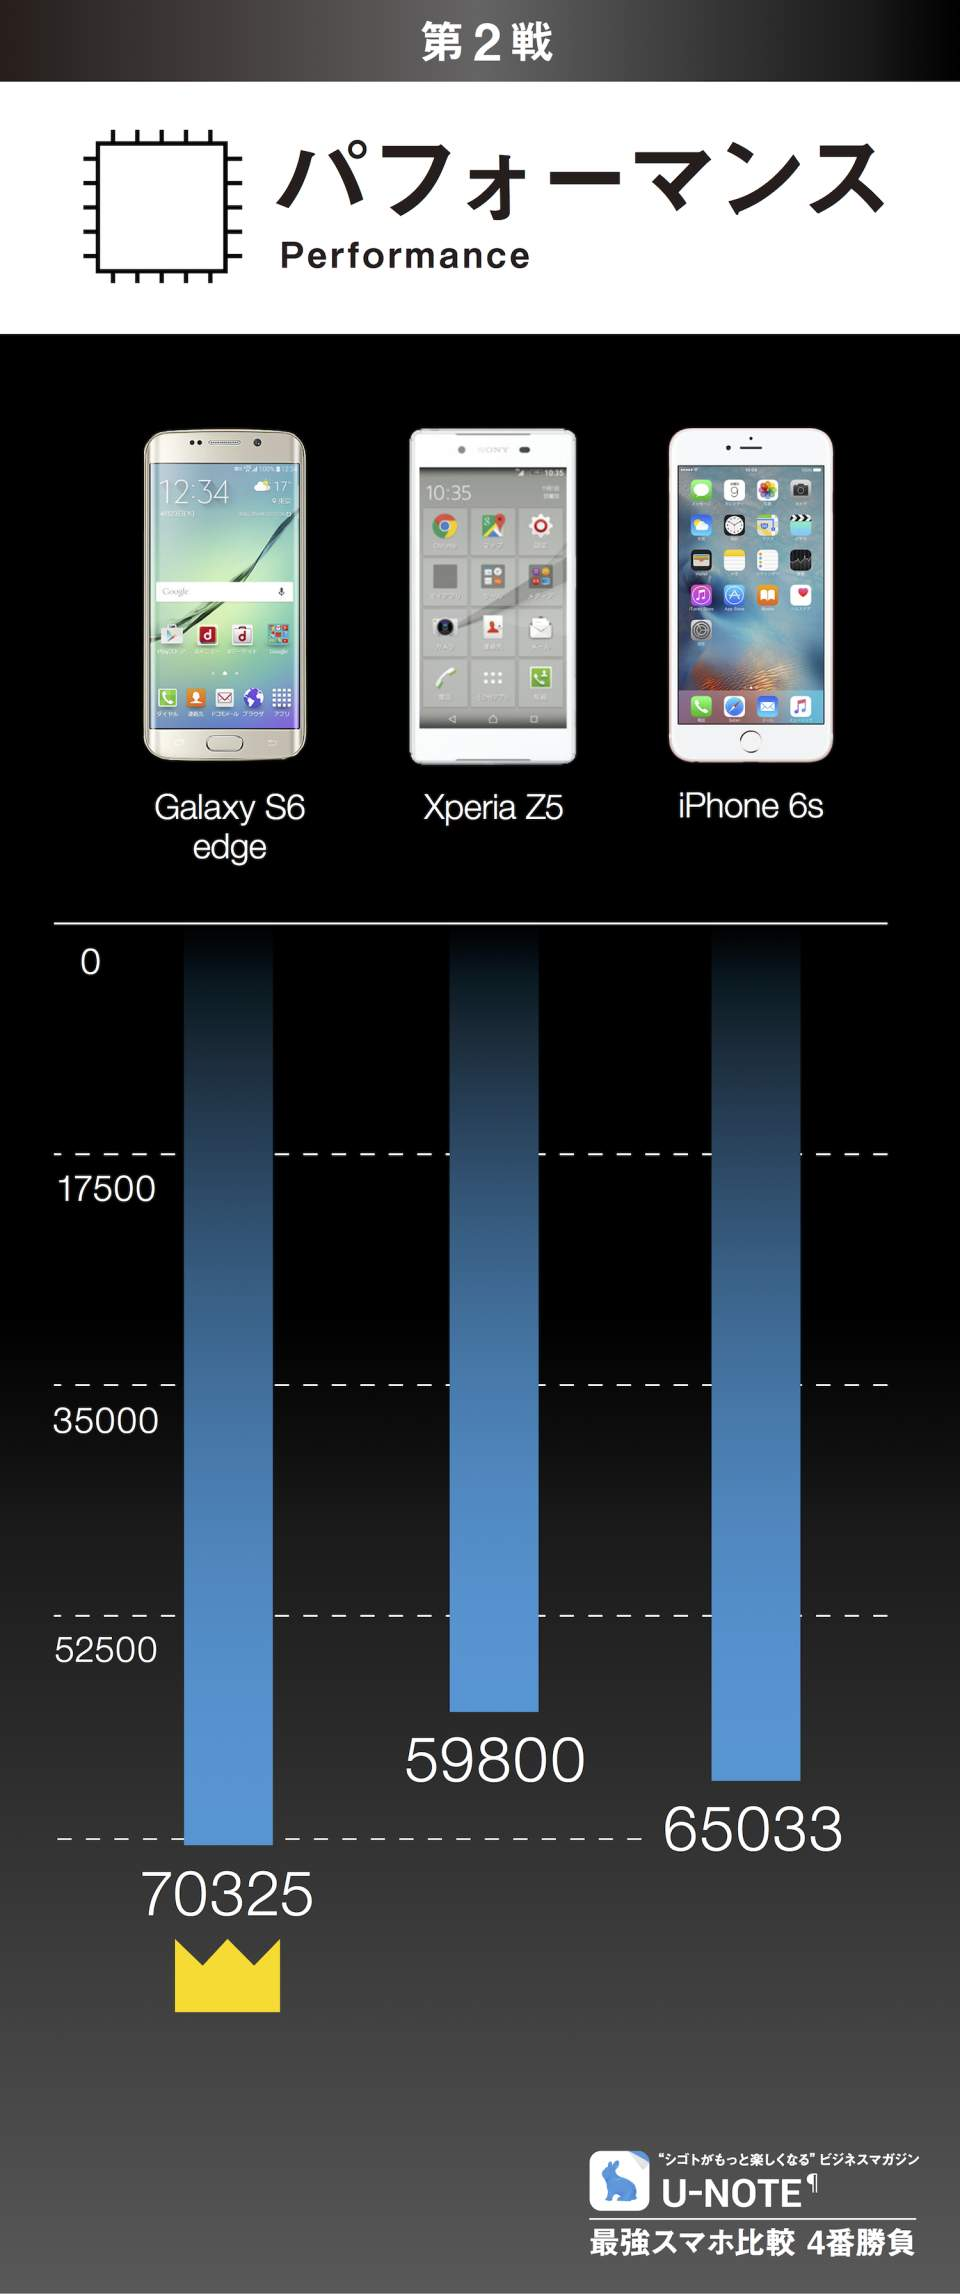 最強スマホ比較 4番勝負:Galaxy S6 edge/Xperia Z5/iPhone 6s 3番目の画像